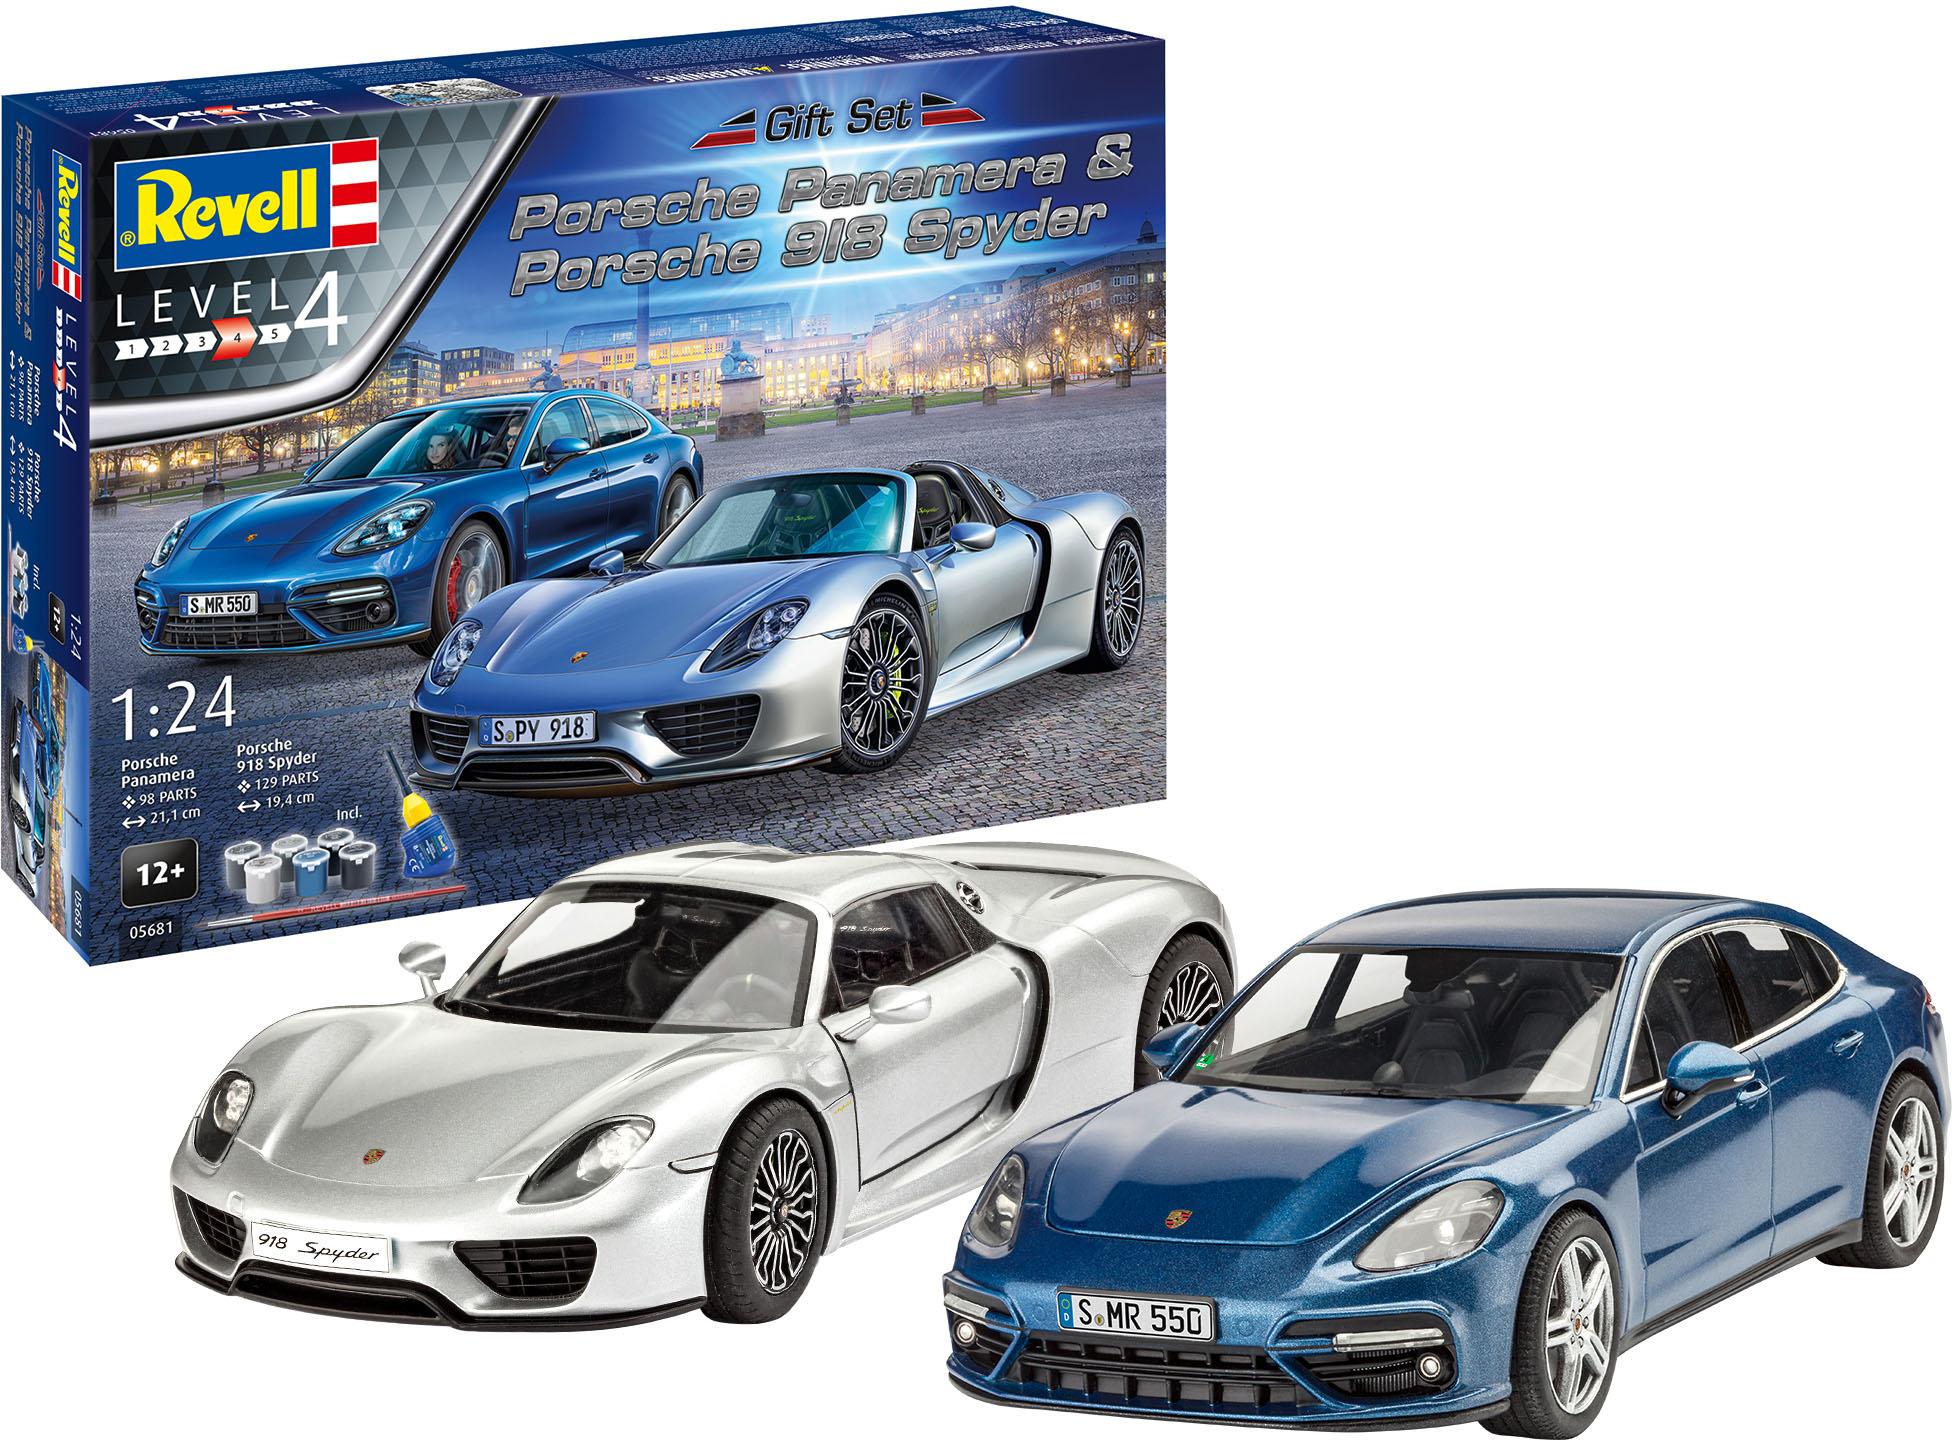 Revell Modellbausatz Porsche, 1:24, mit zwei Porsche-Modellen; Made in Europe blau Kinder Modellbausätze Bauen Konstruieren